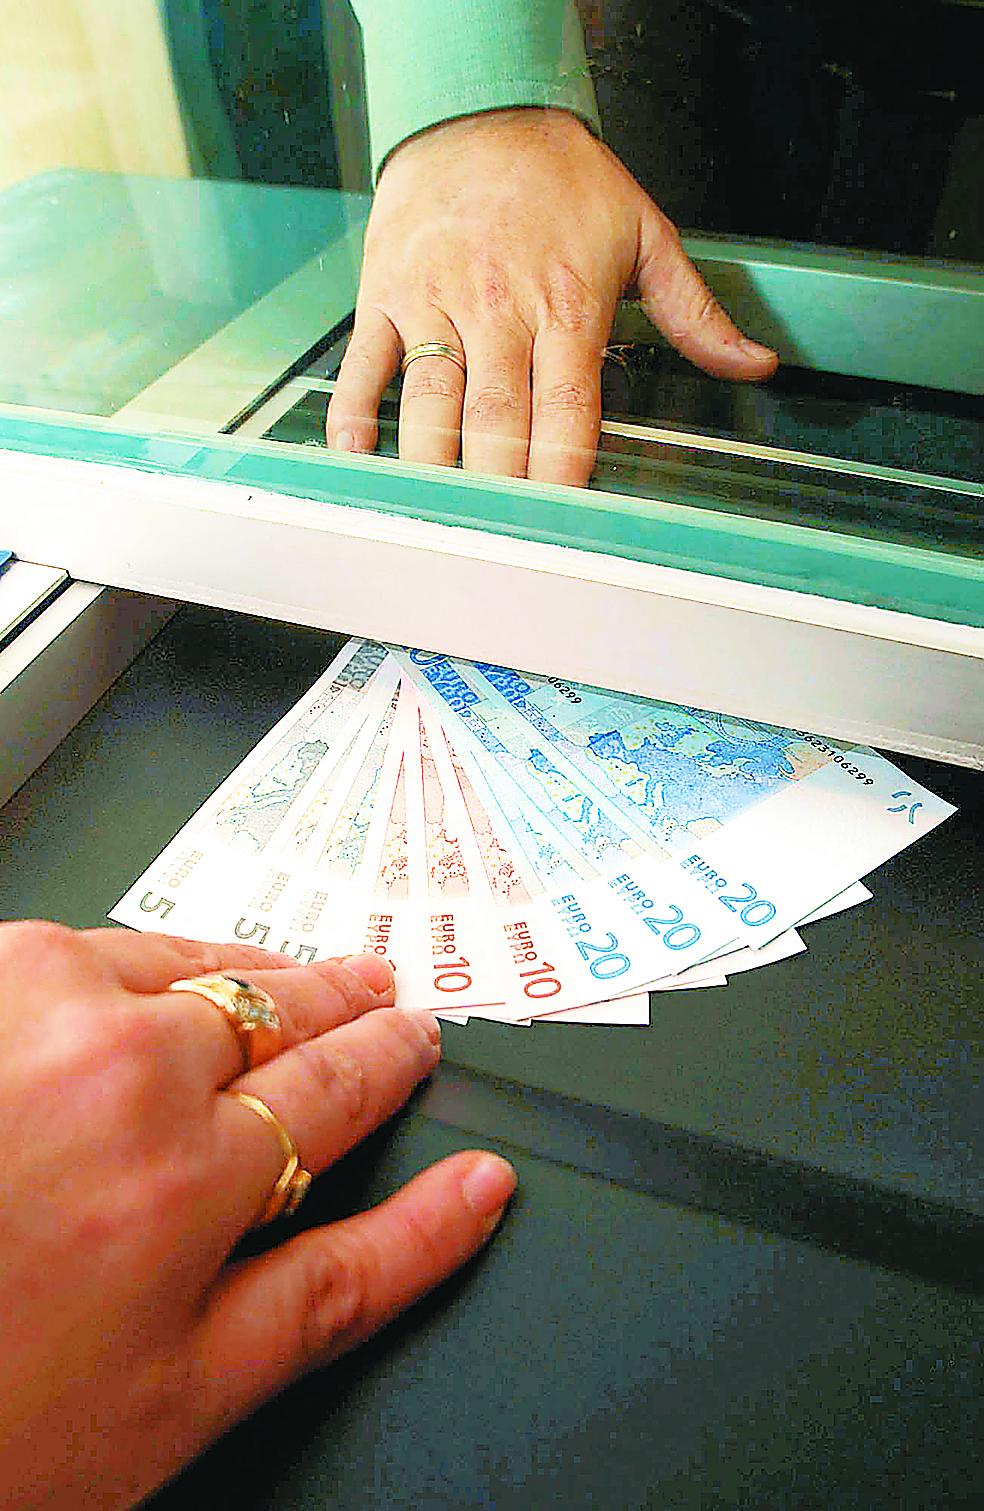 Καταδίκη 25 ετών για προϊσταμένη τράπεζας στη Λάρισα   tovima.gr